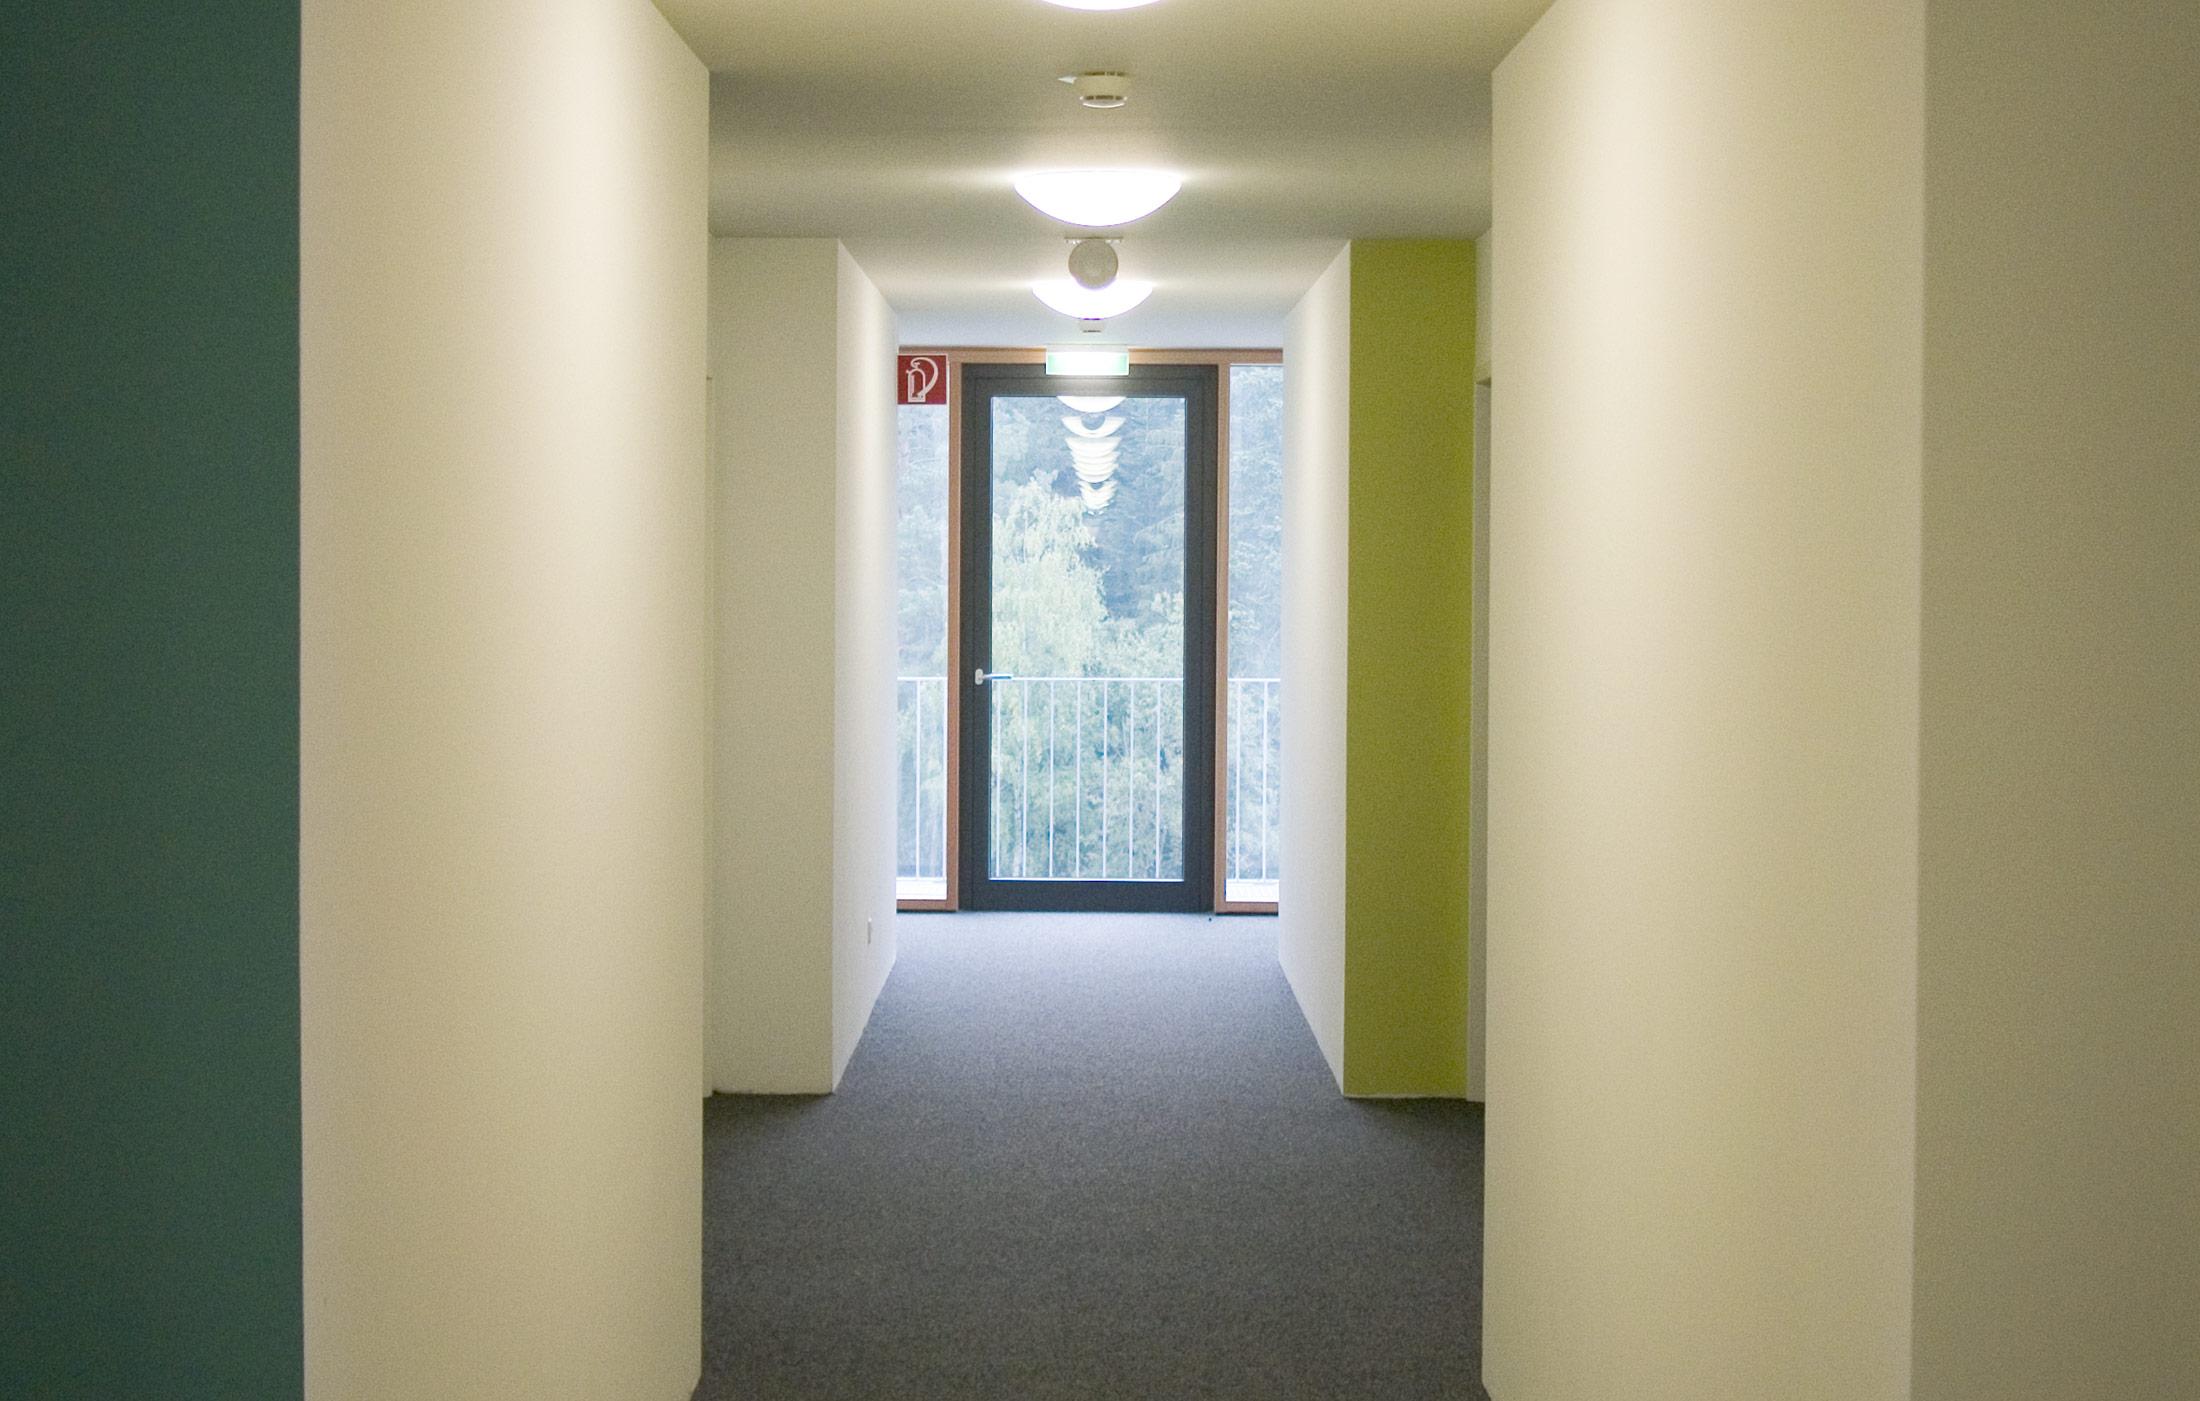 2007, Neubau Internat Abbruch, Umbau und Sanierung Hochhaus Berufsförderungswerk Schömberg e.V.